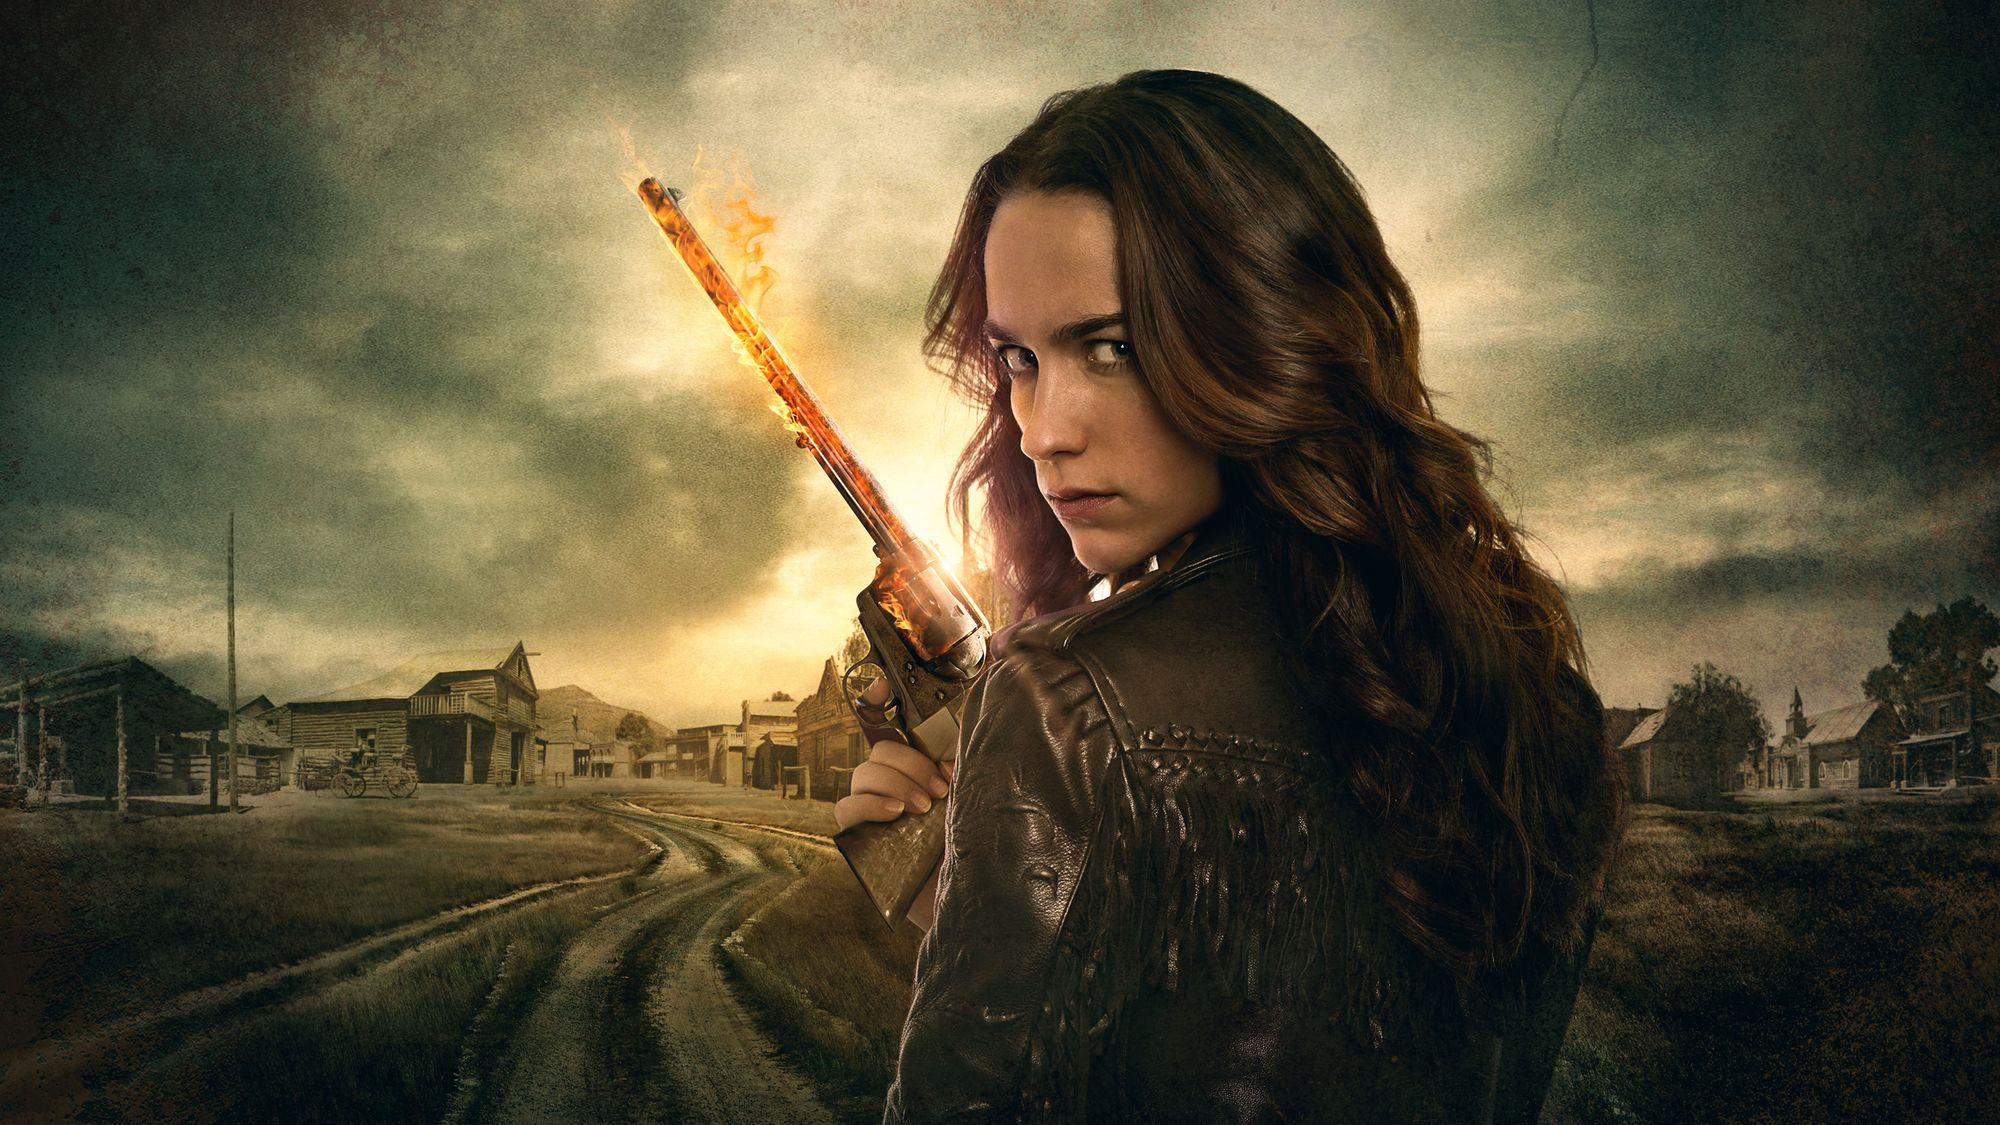 Wynonna Earp - western, demony i inne dziwności. Czemu ten serial jest tak przyjemny?